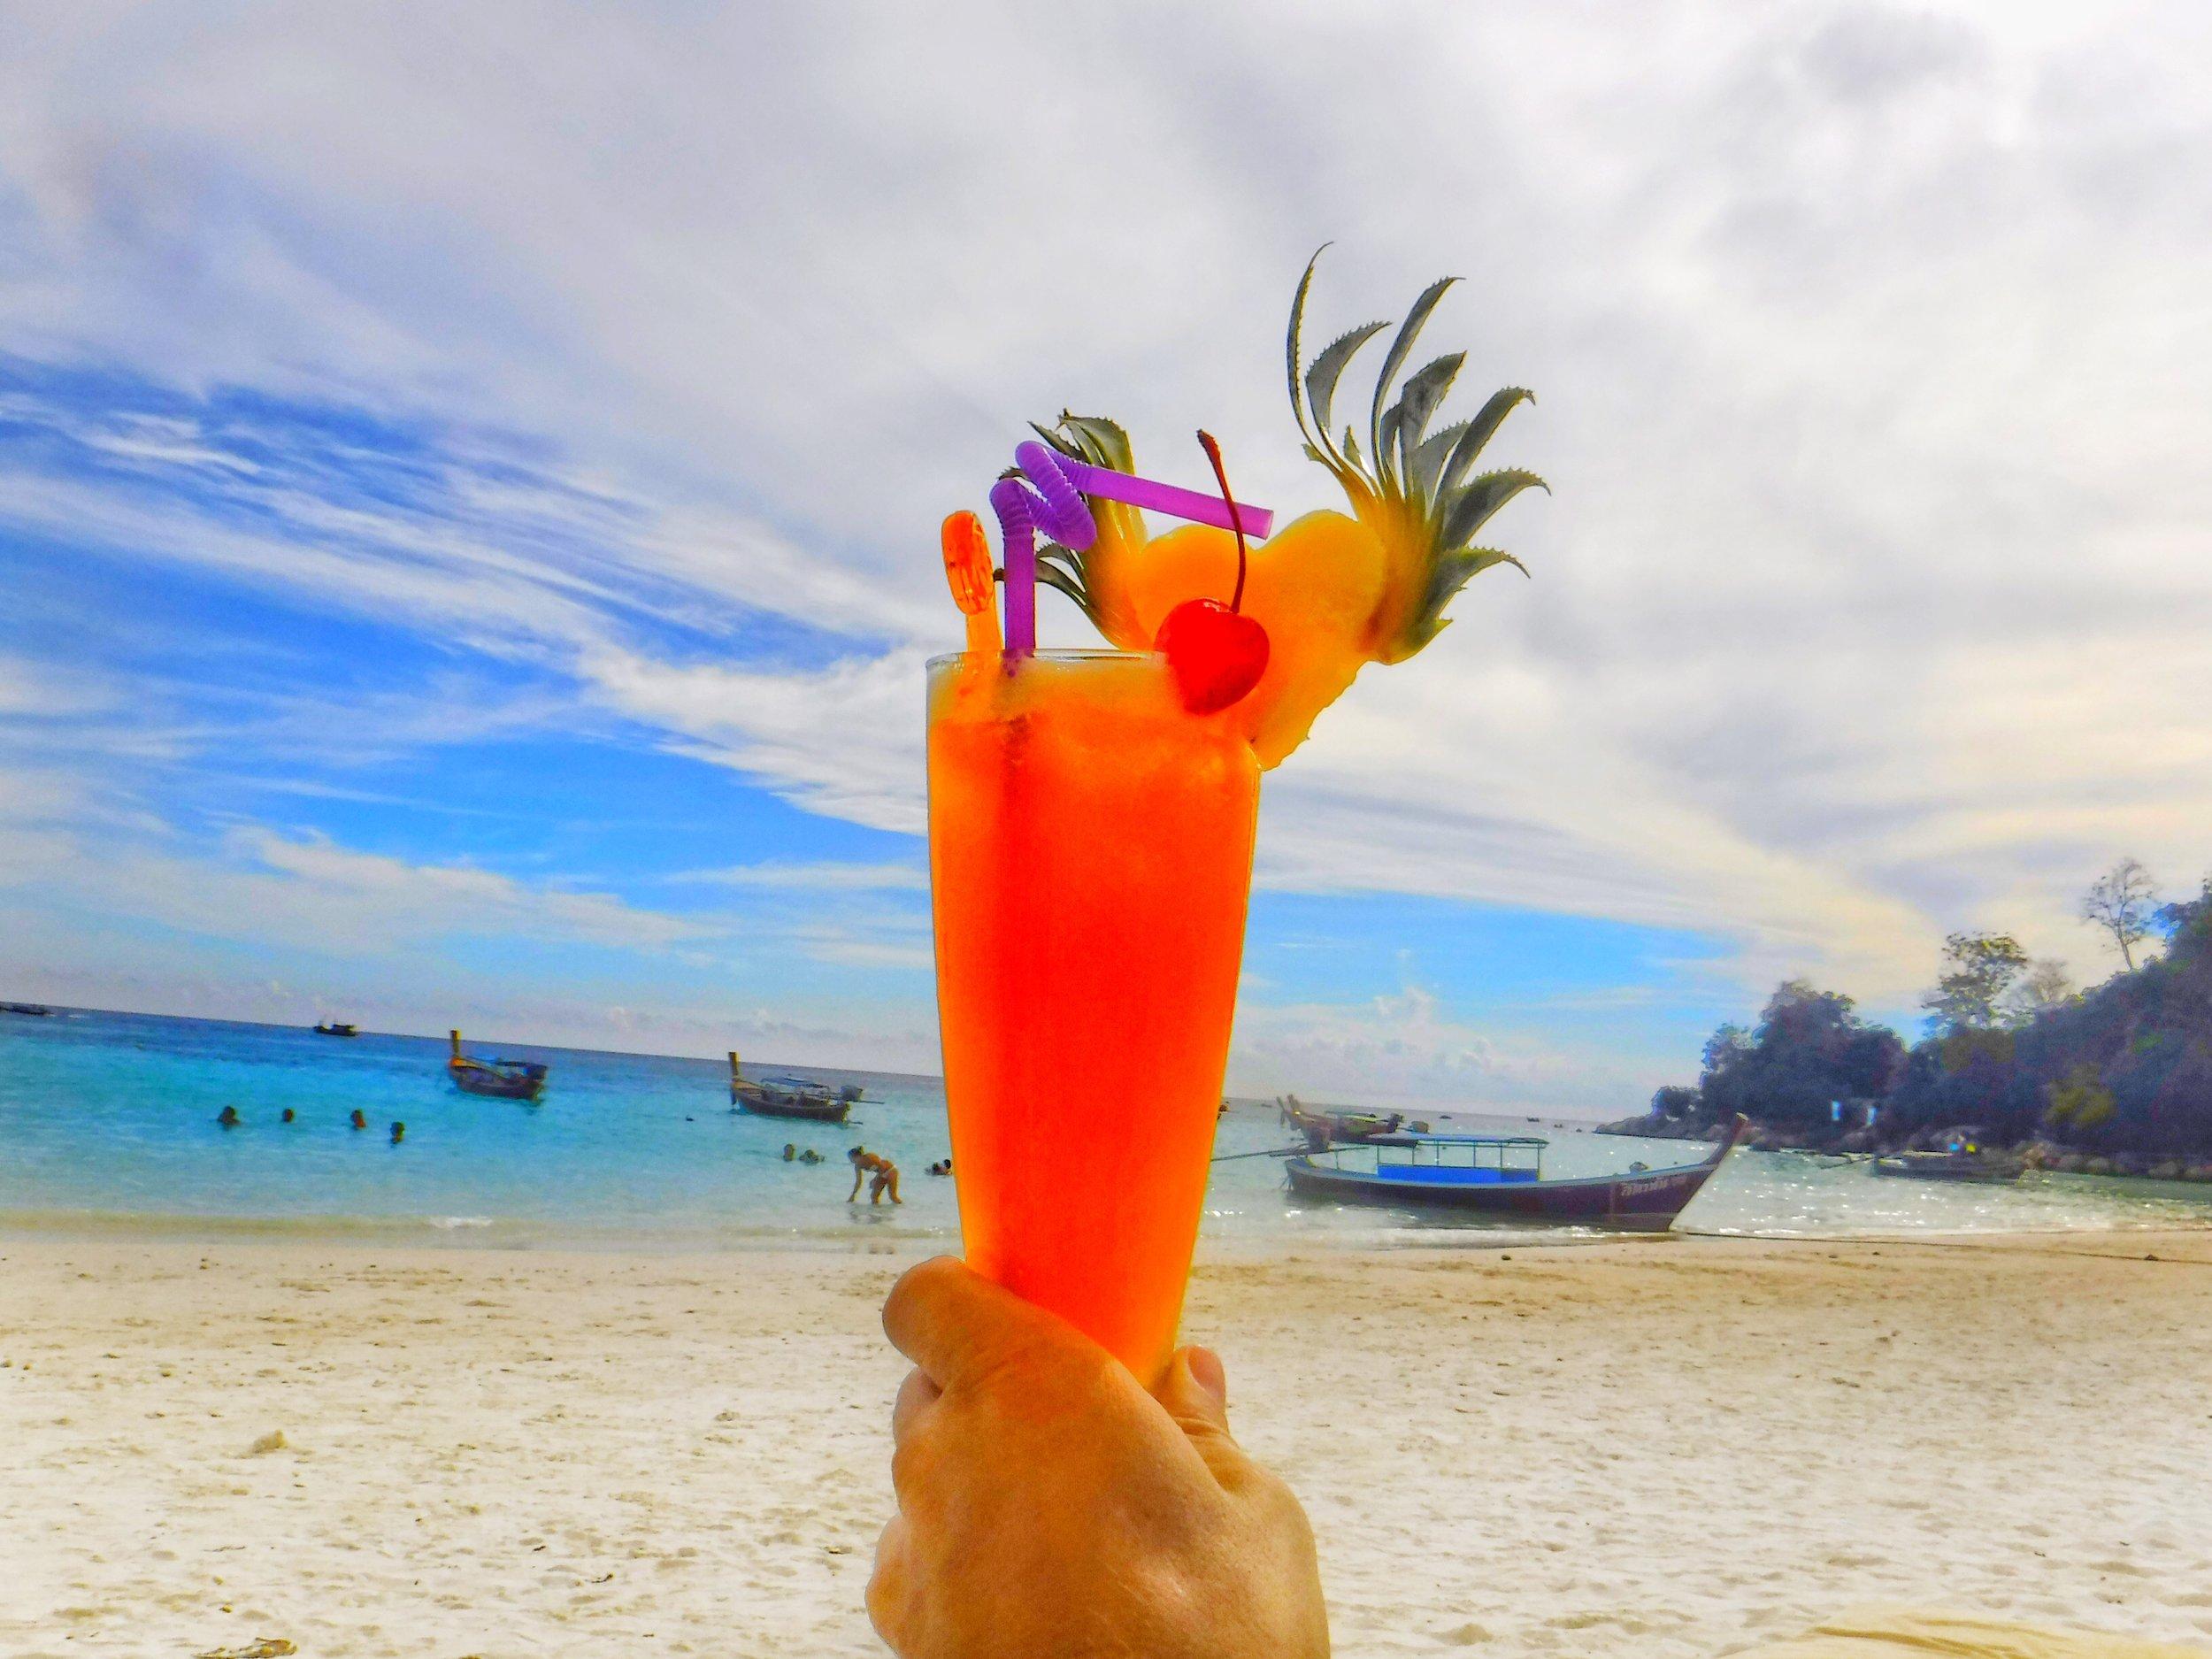 Thailand's beaches. Koh Lipe Thailand. Thailand's best beaches.